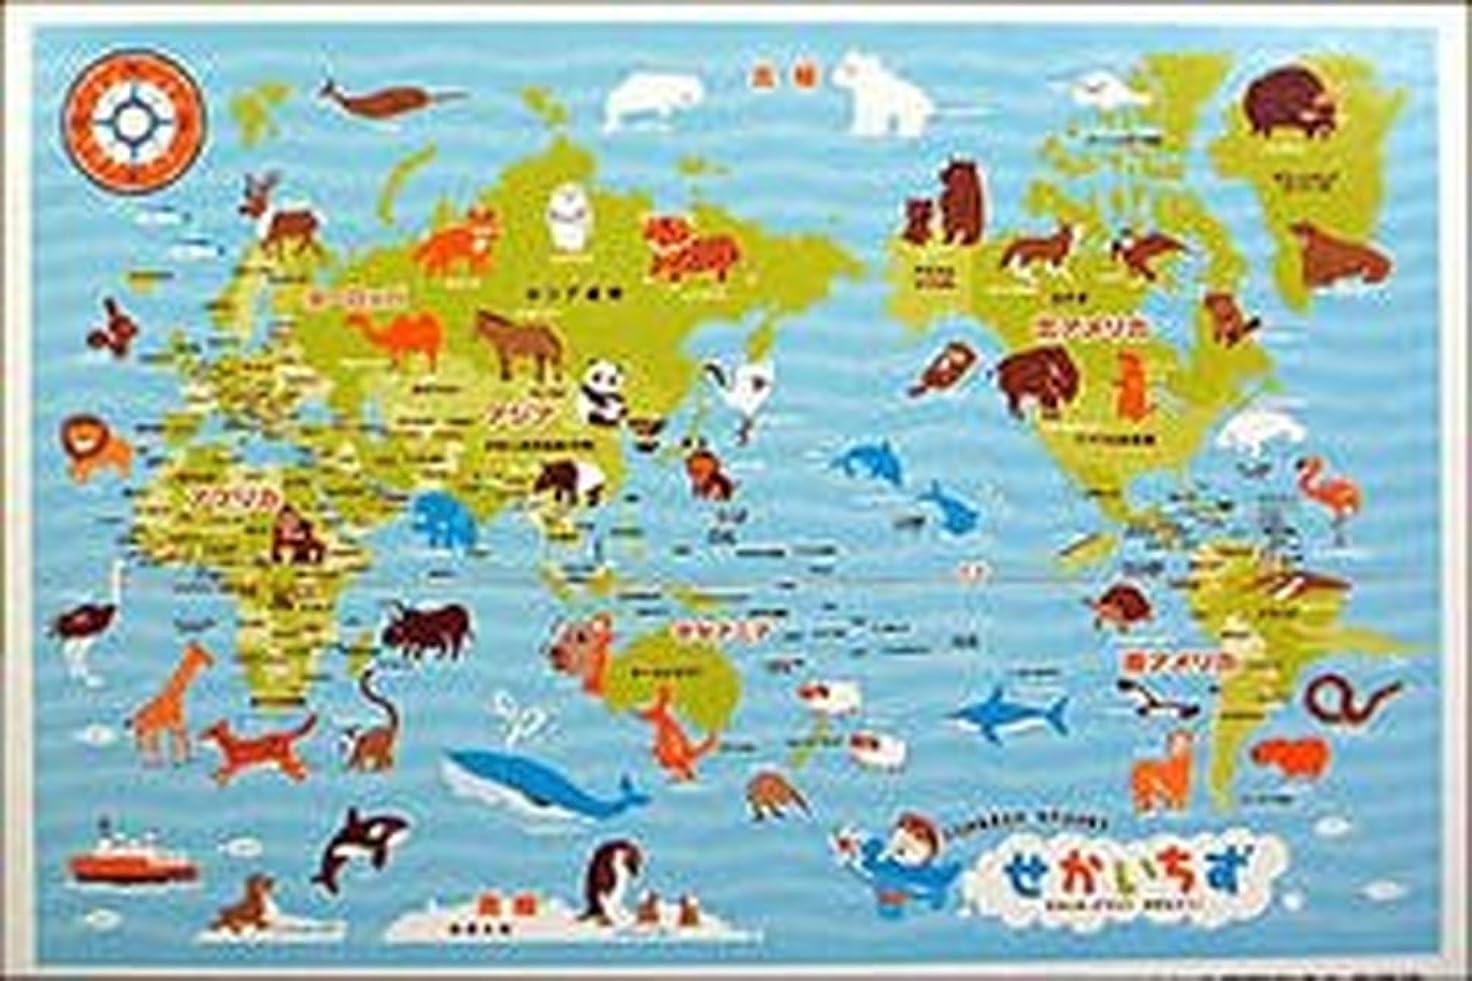 ビリー危険な隠すしなやかでたたみやすいシート 【お空の下で楽しく学ぼう】世界地図レジャーシート  お遊びシートお食事シートにも